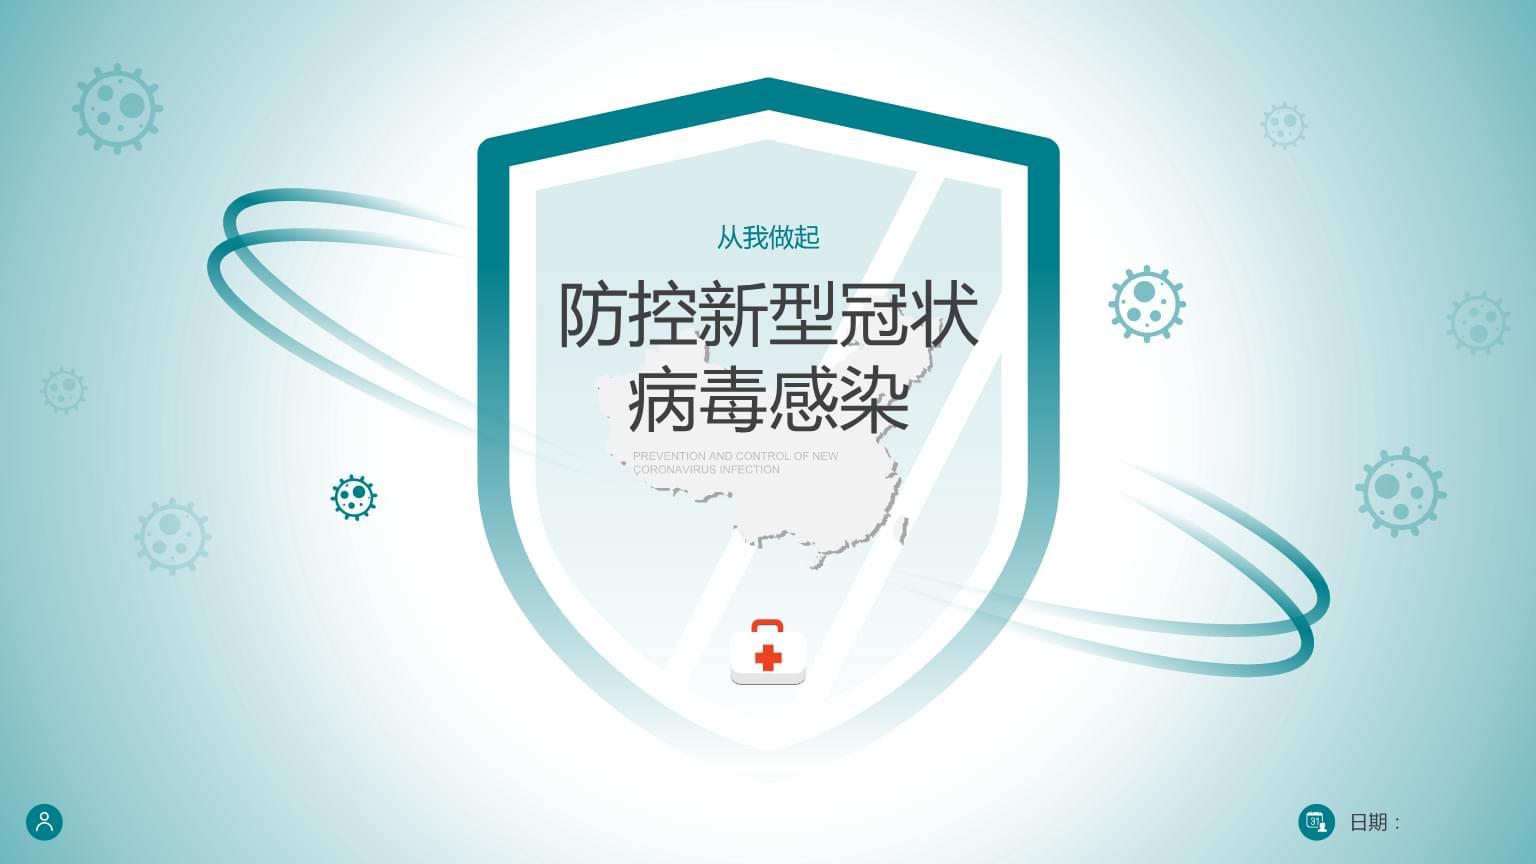 '防控新型冠状病毒感染PPT.pptx